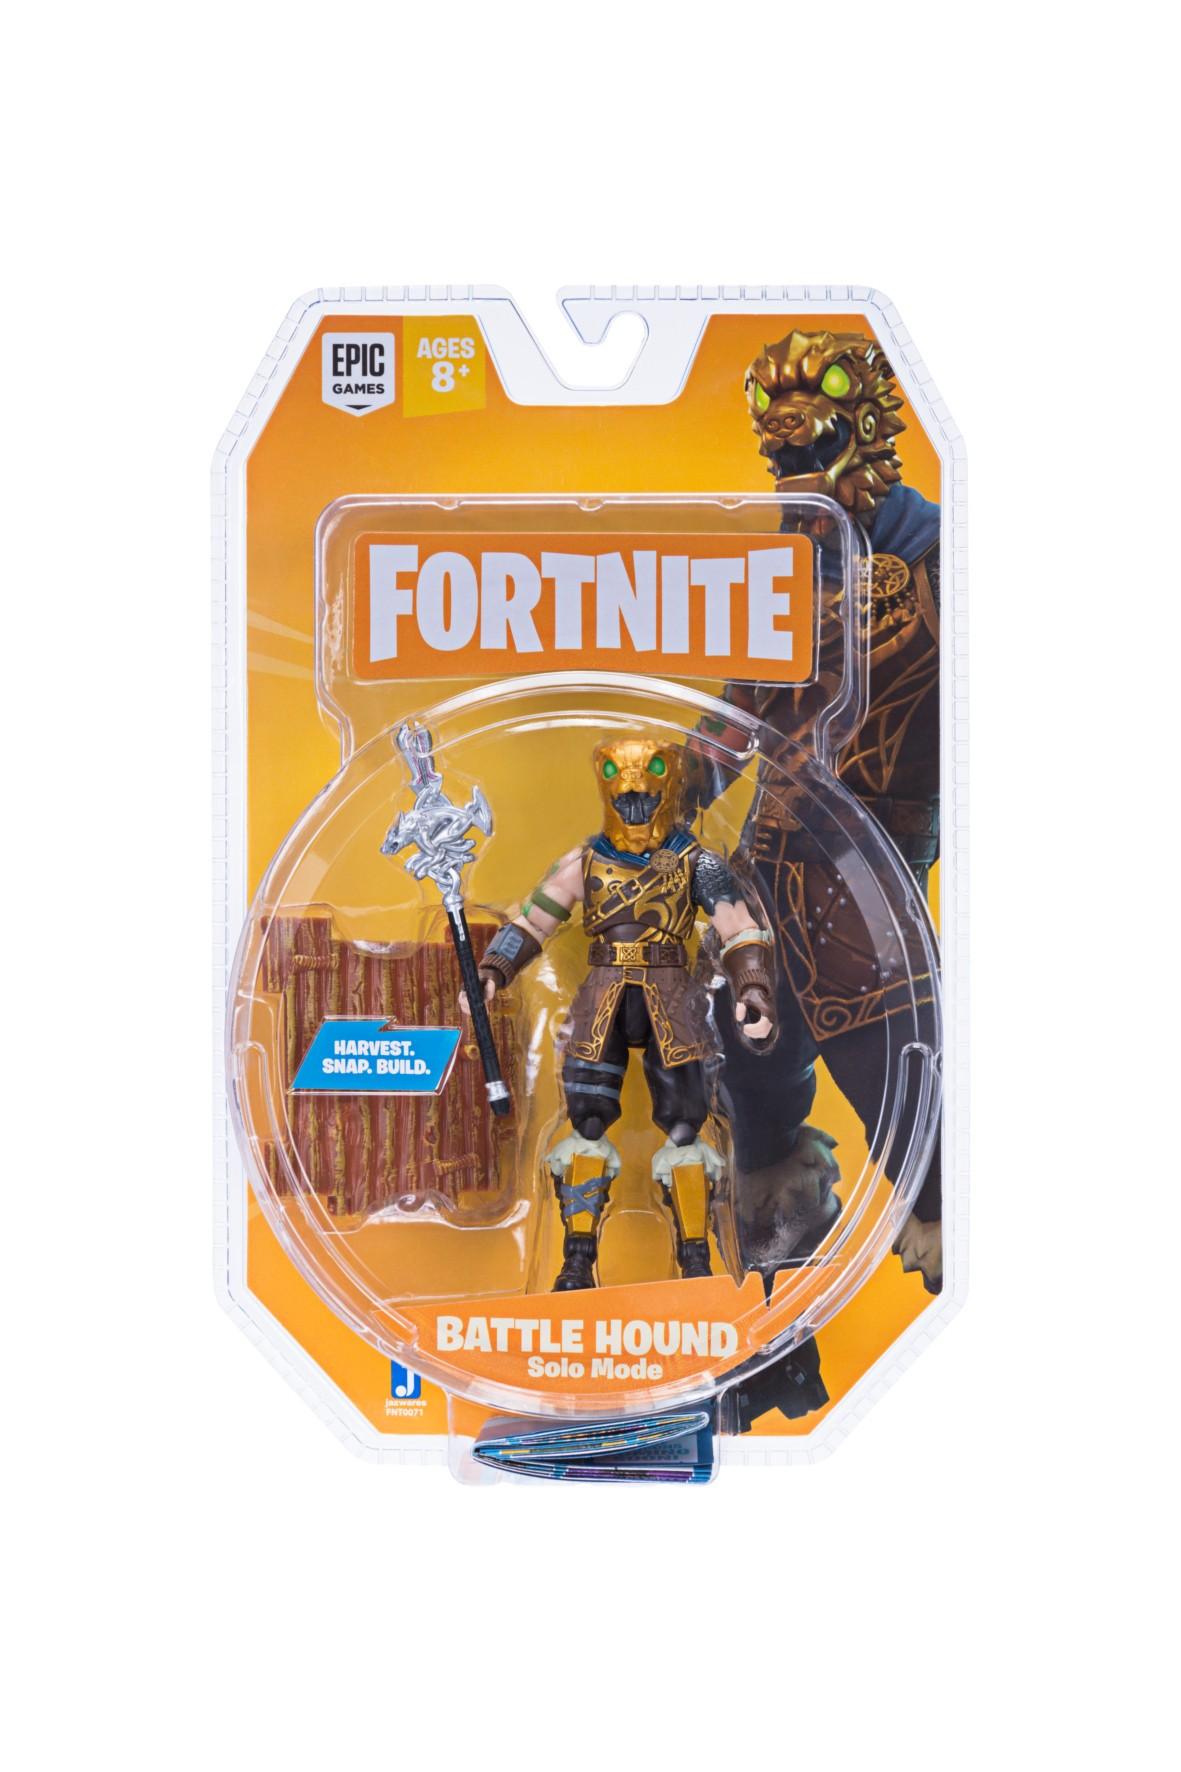 Fortnite figurka Battle Hound 8+